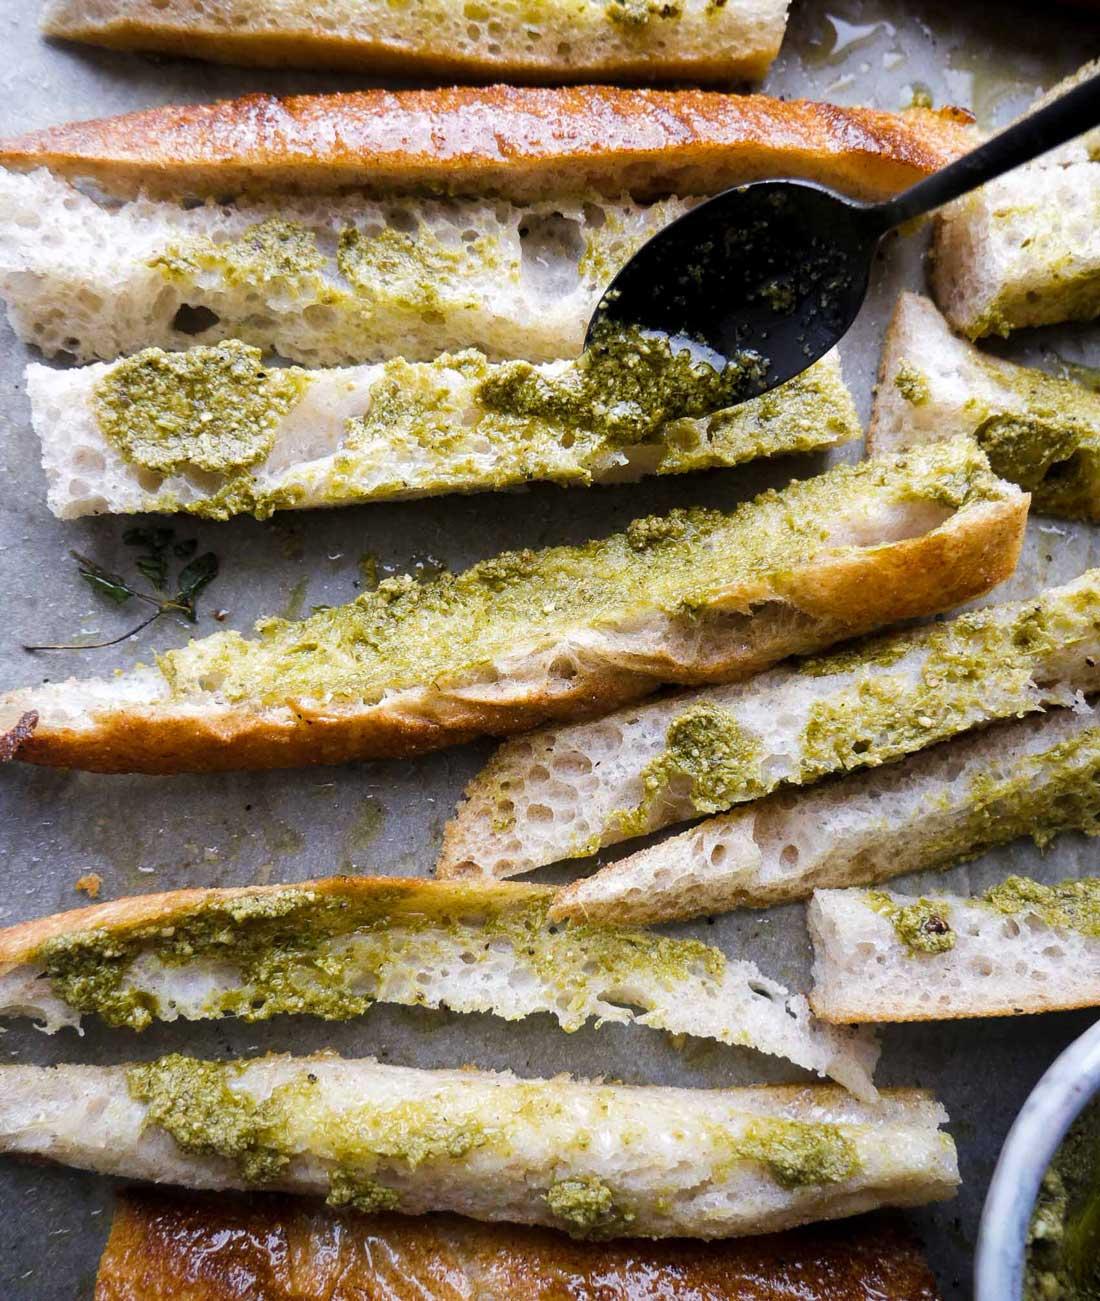 Skær brødet i aflange stænger / pinde. Smør dem med pesto og ost